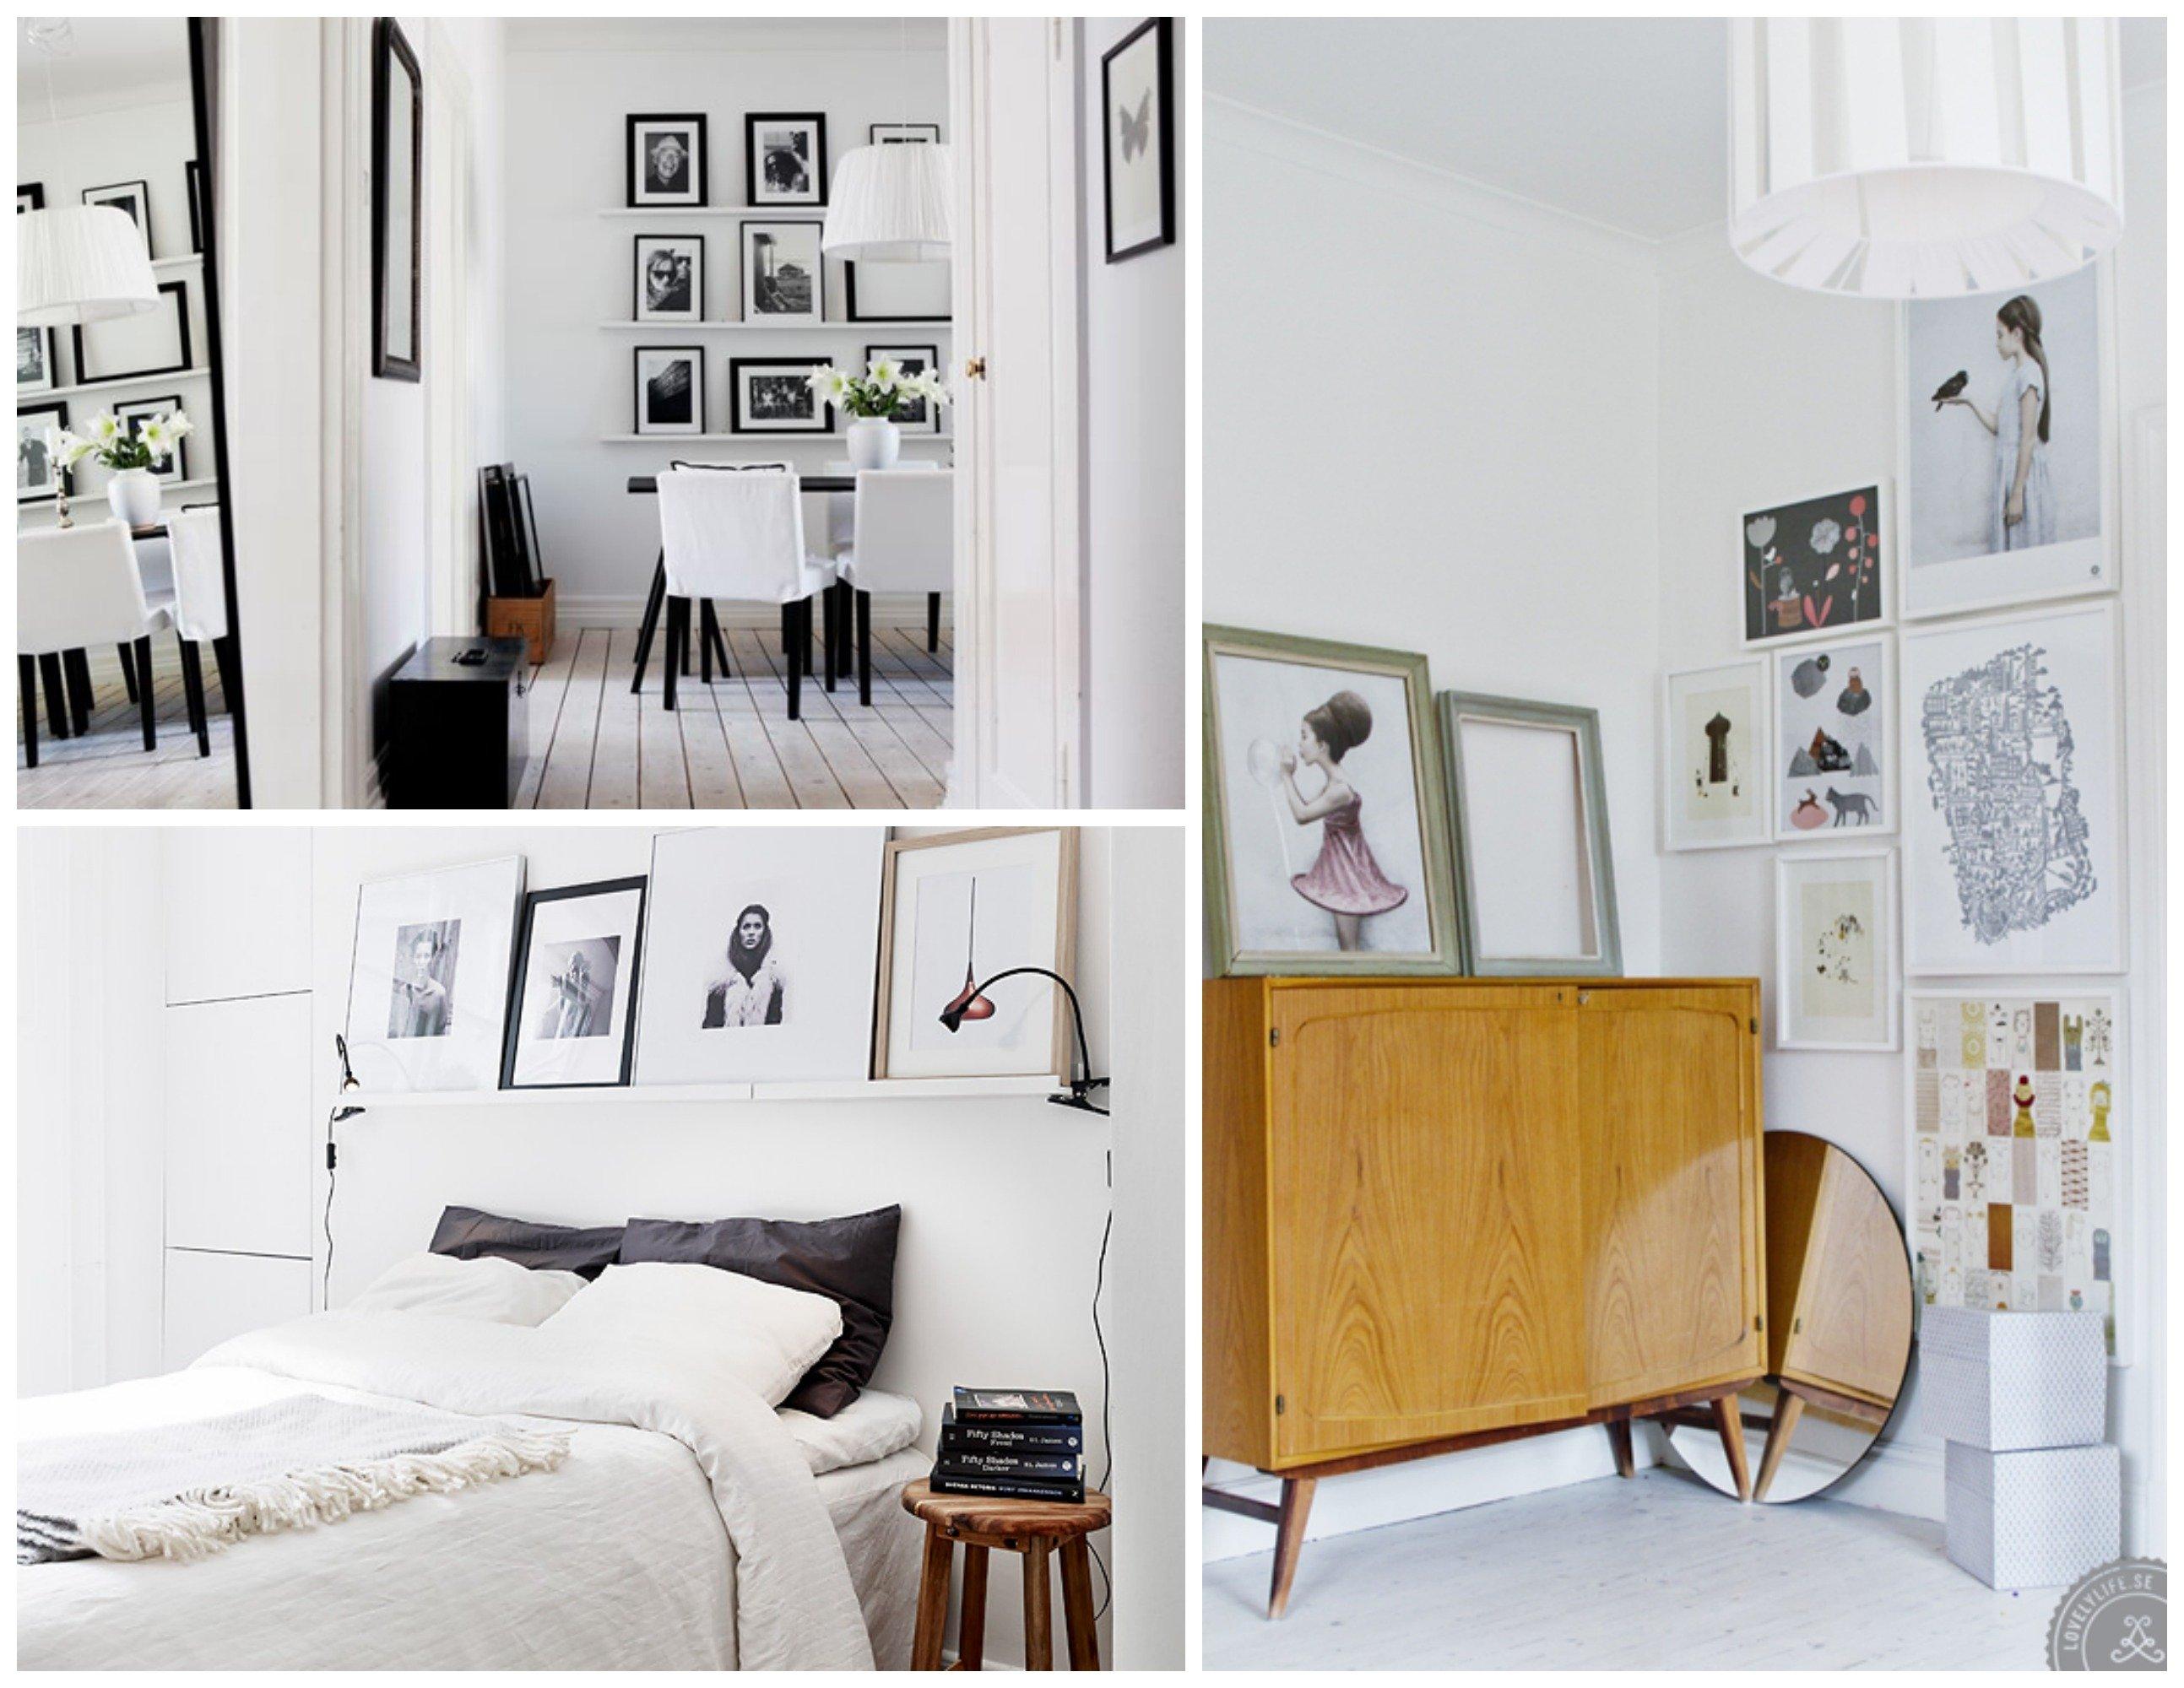 Design Scandinavo Camera Da Letto.Ispirazioni Scandinave A Casa Di Ro